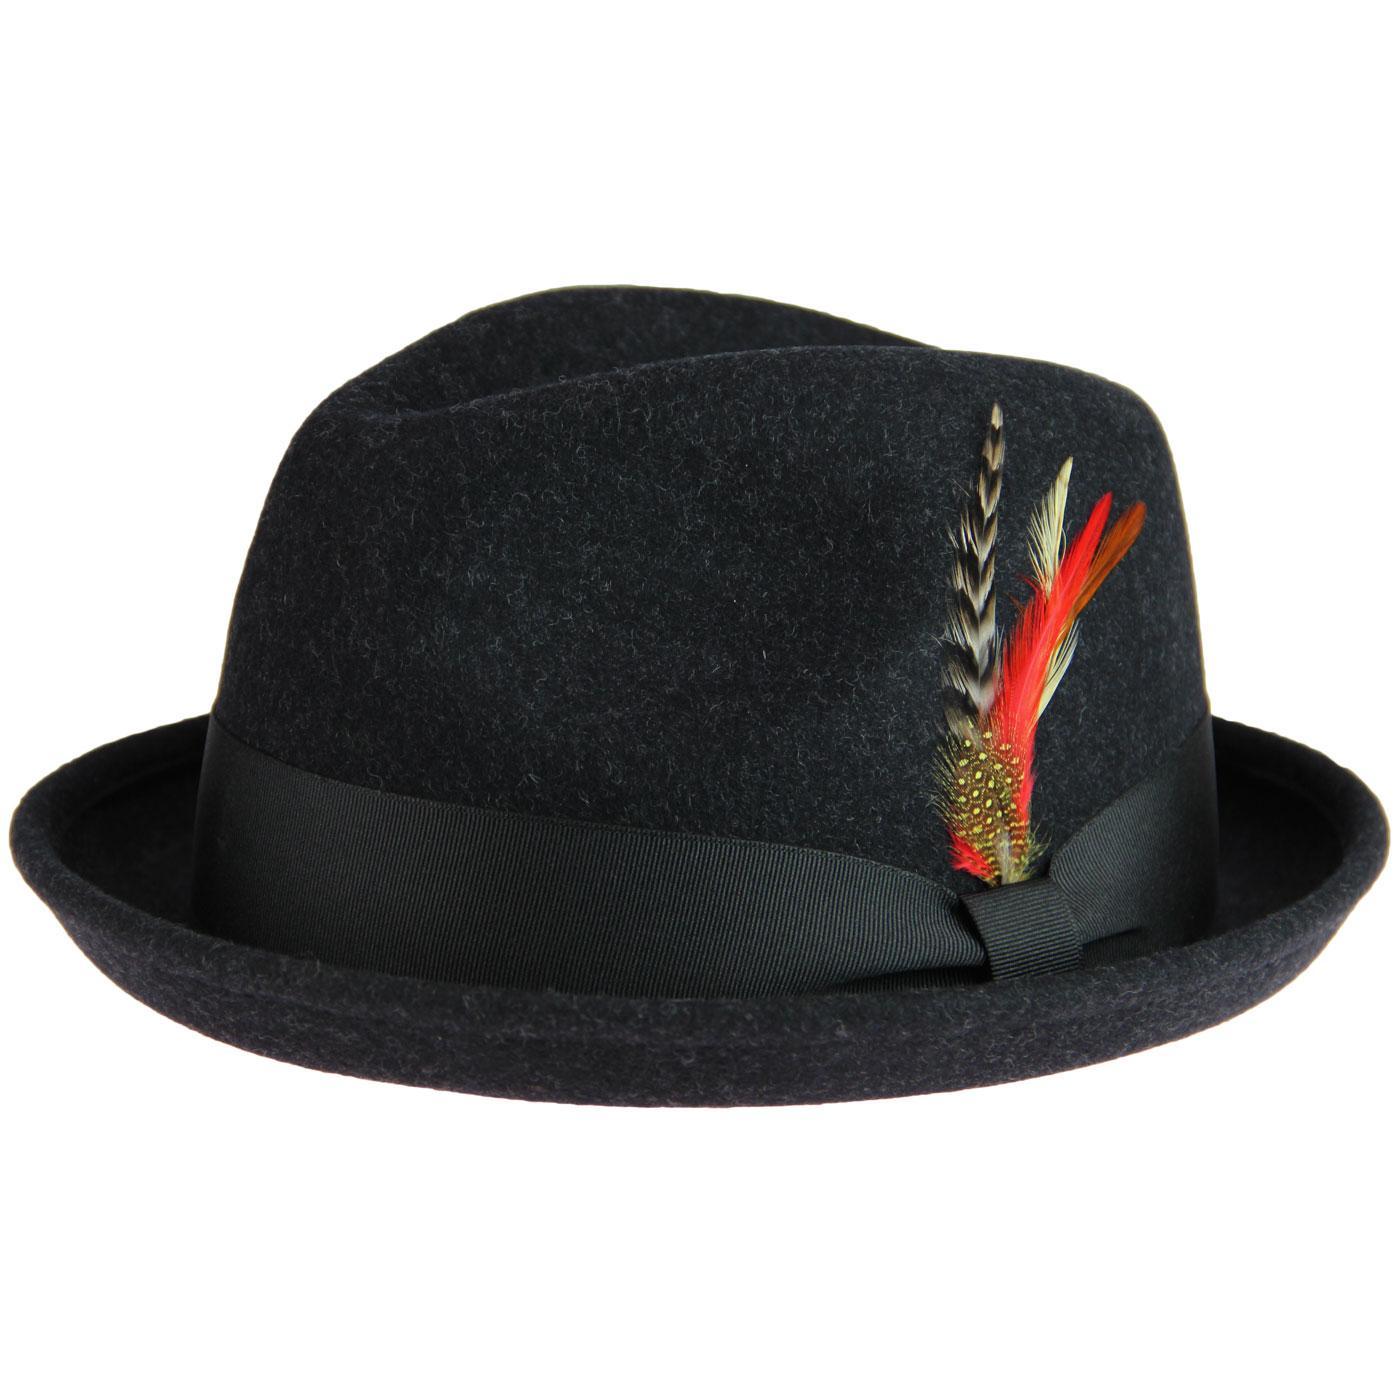 FAILSWORTH Brooklyn Mod Wool Felt Bluesman Trilby in Grey 2ad36e2cf72